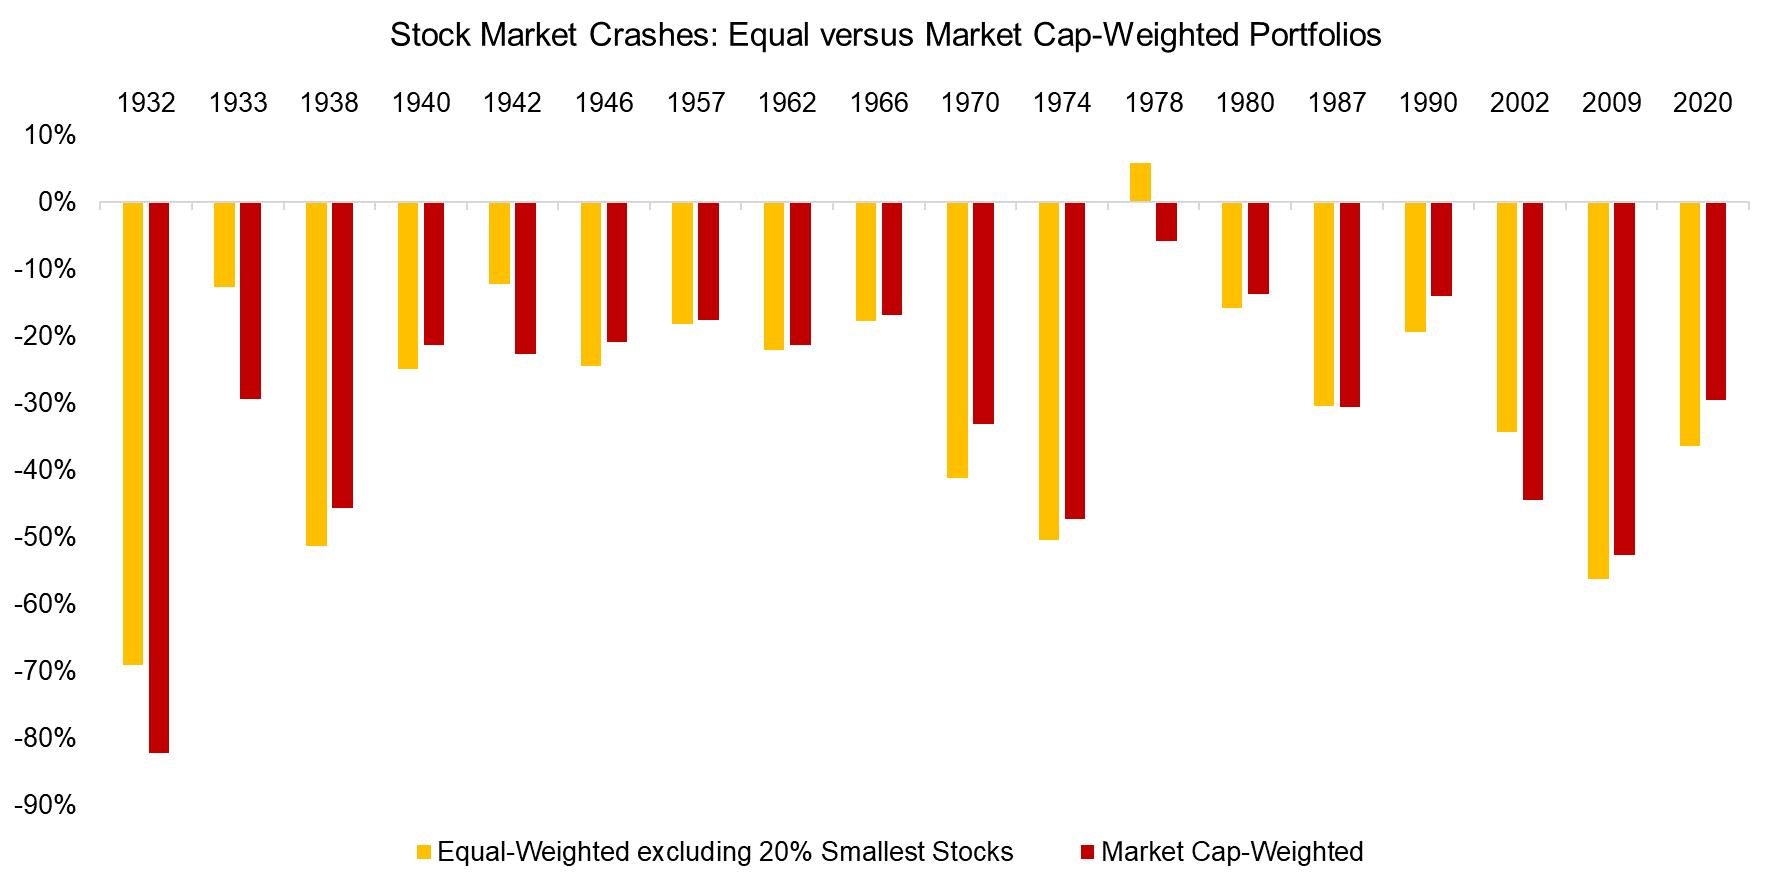 Stock Market Crashes Equal versus Market Cap-Weighted Portfolios